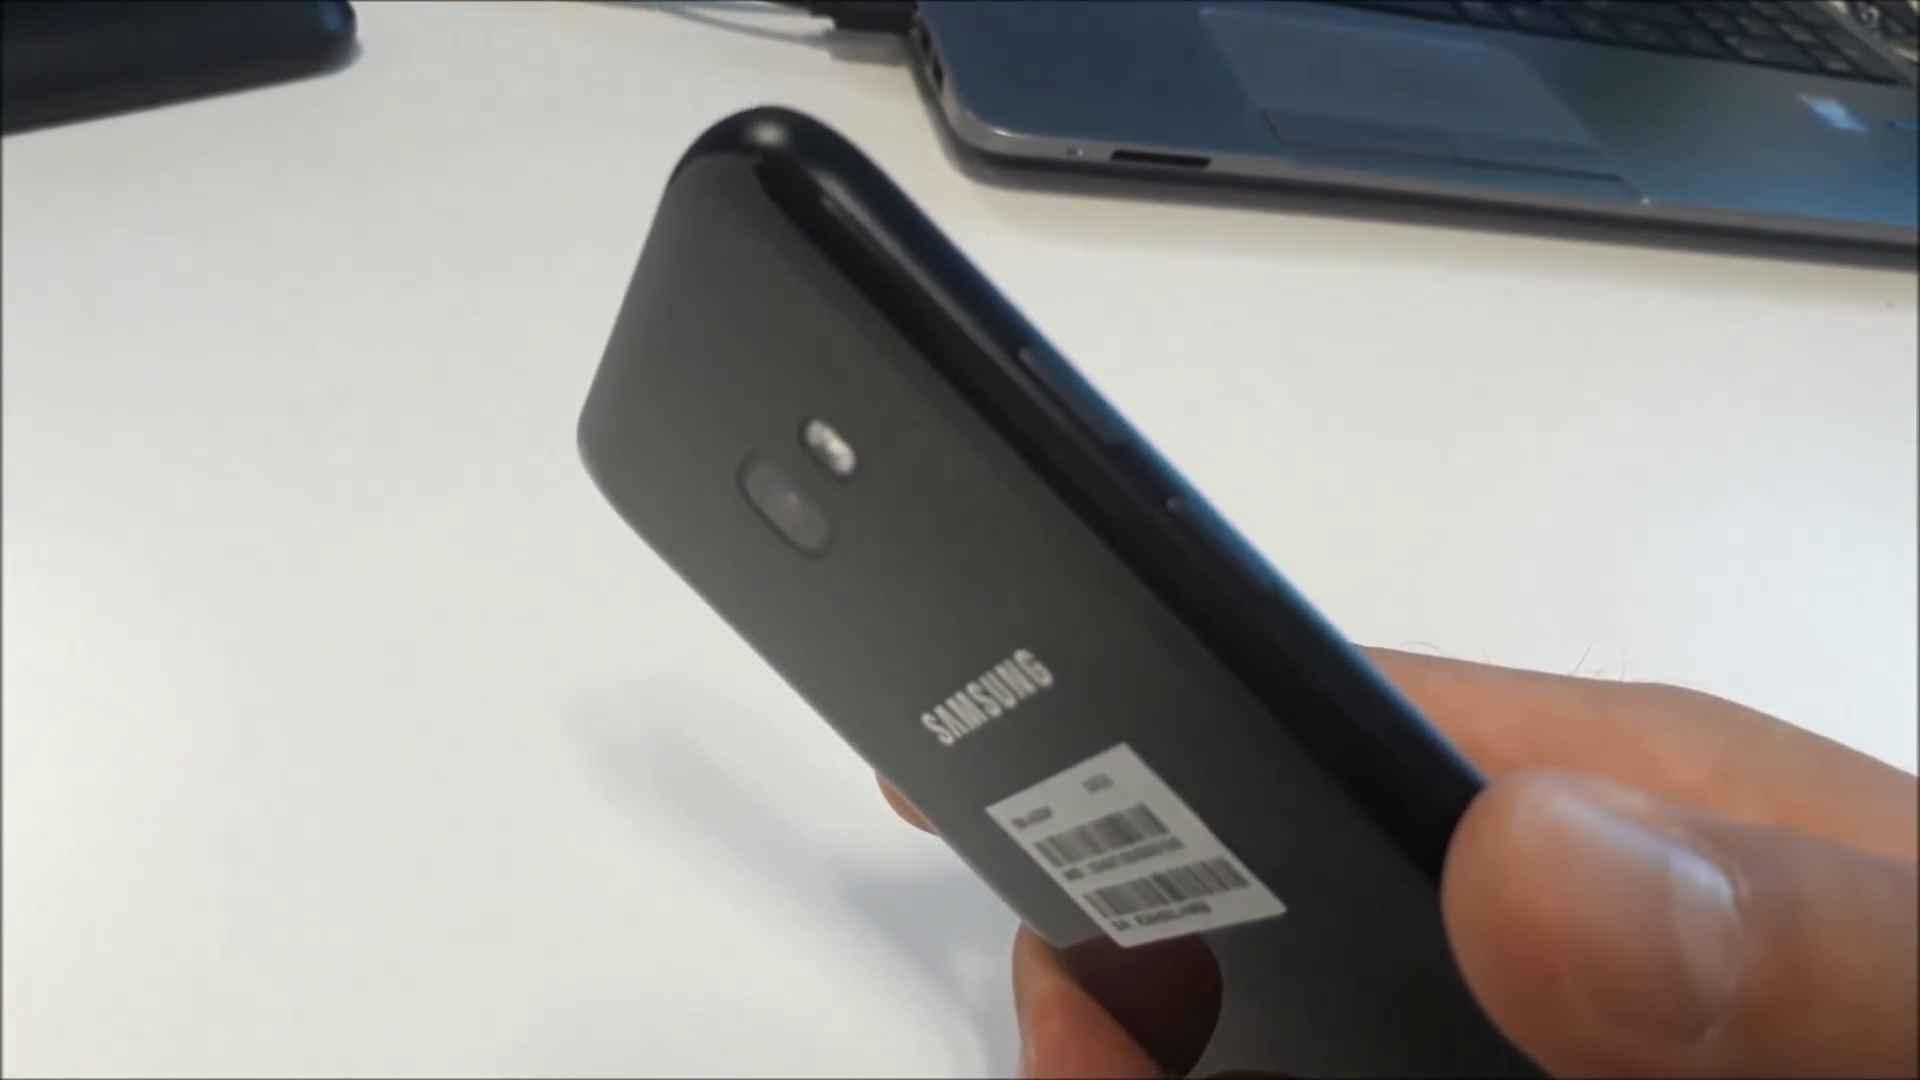 Le Samsung Galaxy A7 (2017) aperçu chez de nombreux organismes de certification